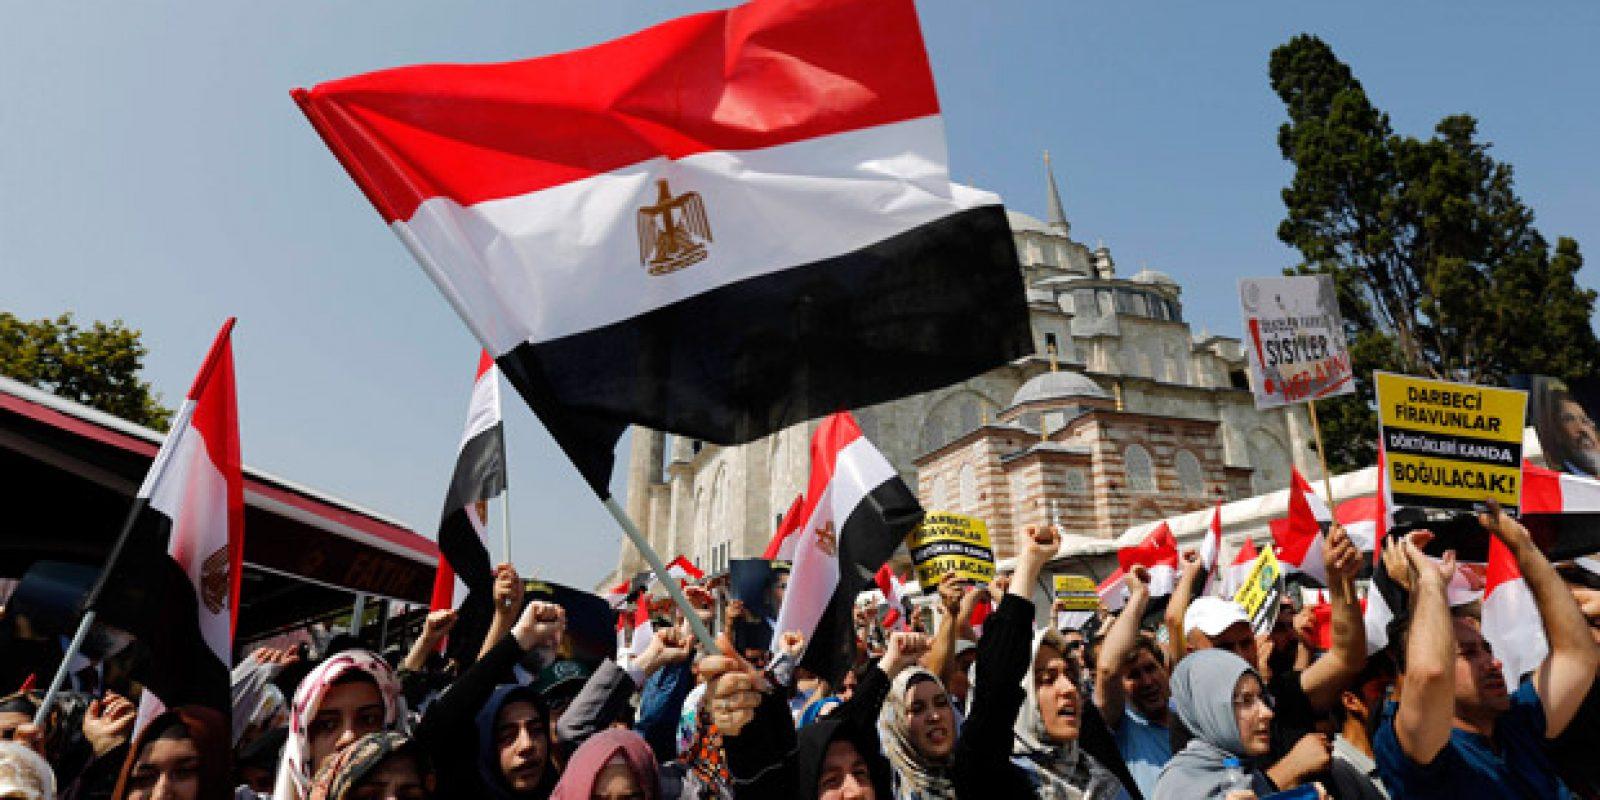 Forças de segurança egípcias usam violenta repressão para dispersar os partidários do presidente destituído Mohamed Mursi. Bandeira Egípcia é asteada durante protesto| Mohamed Nureldin Abdallah / Reuters